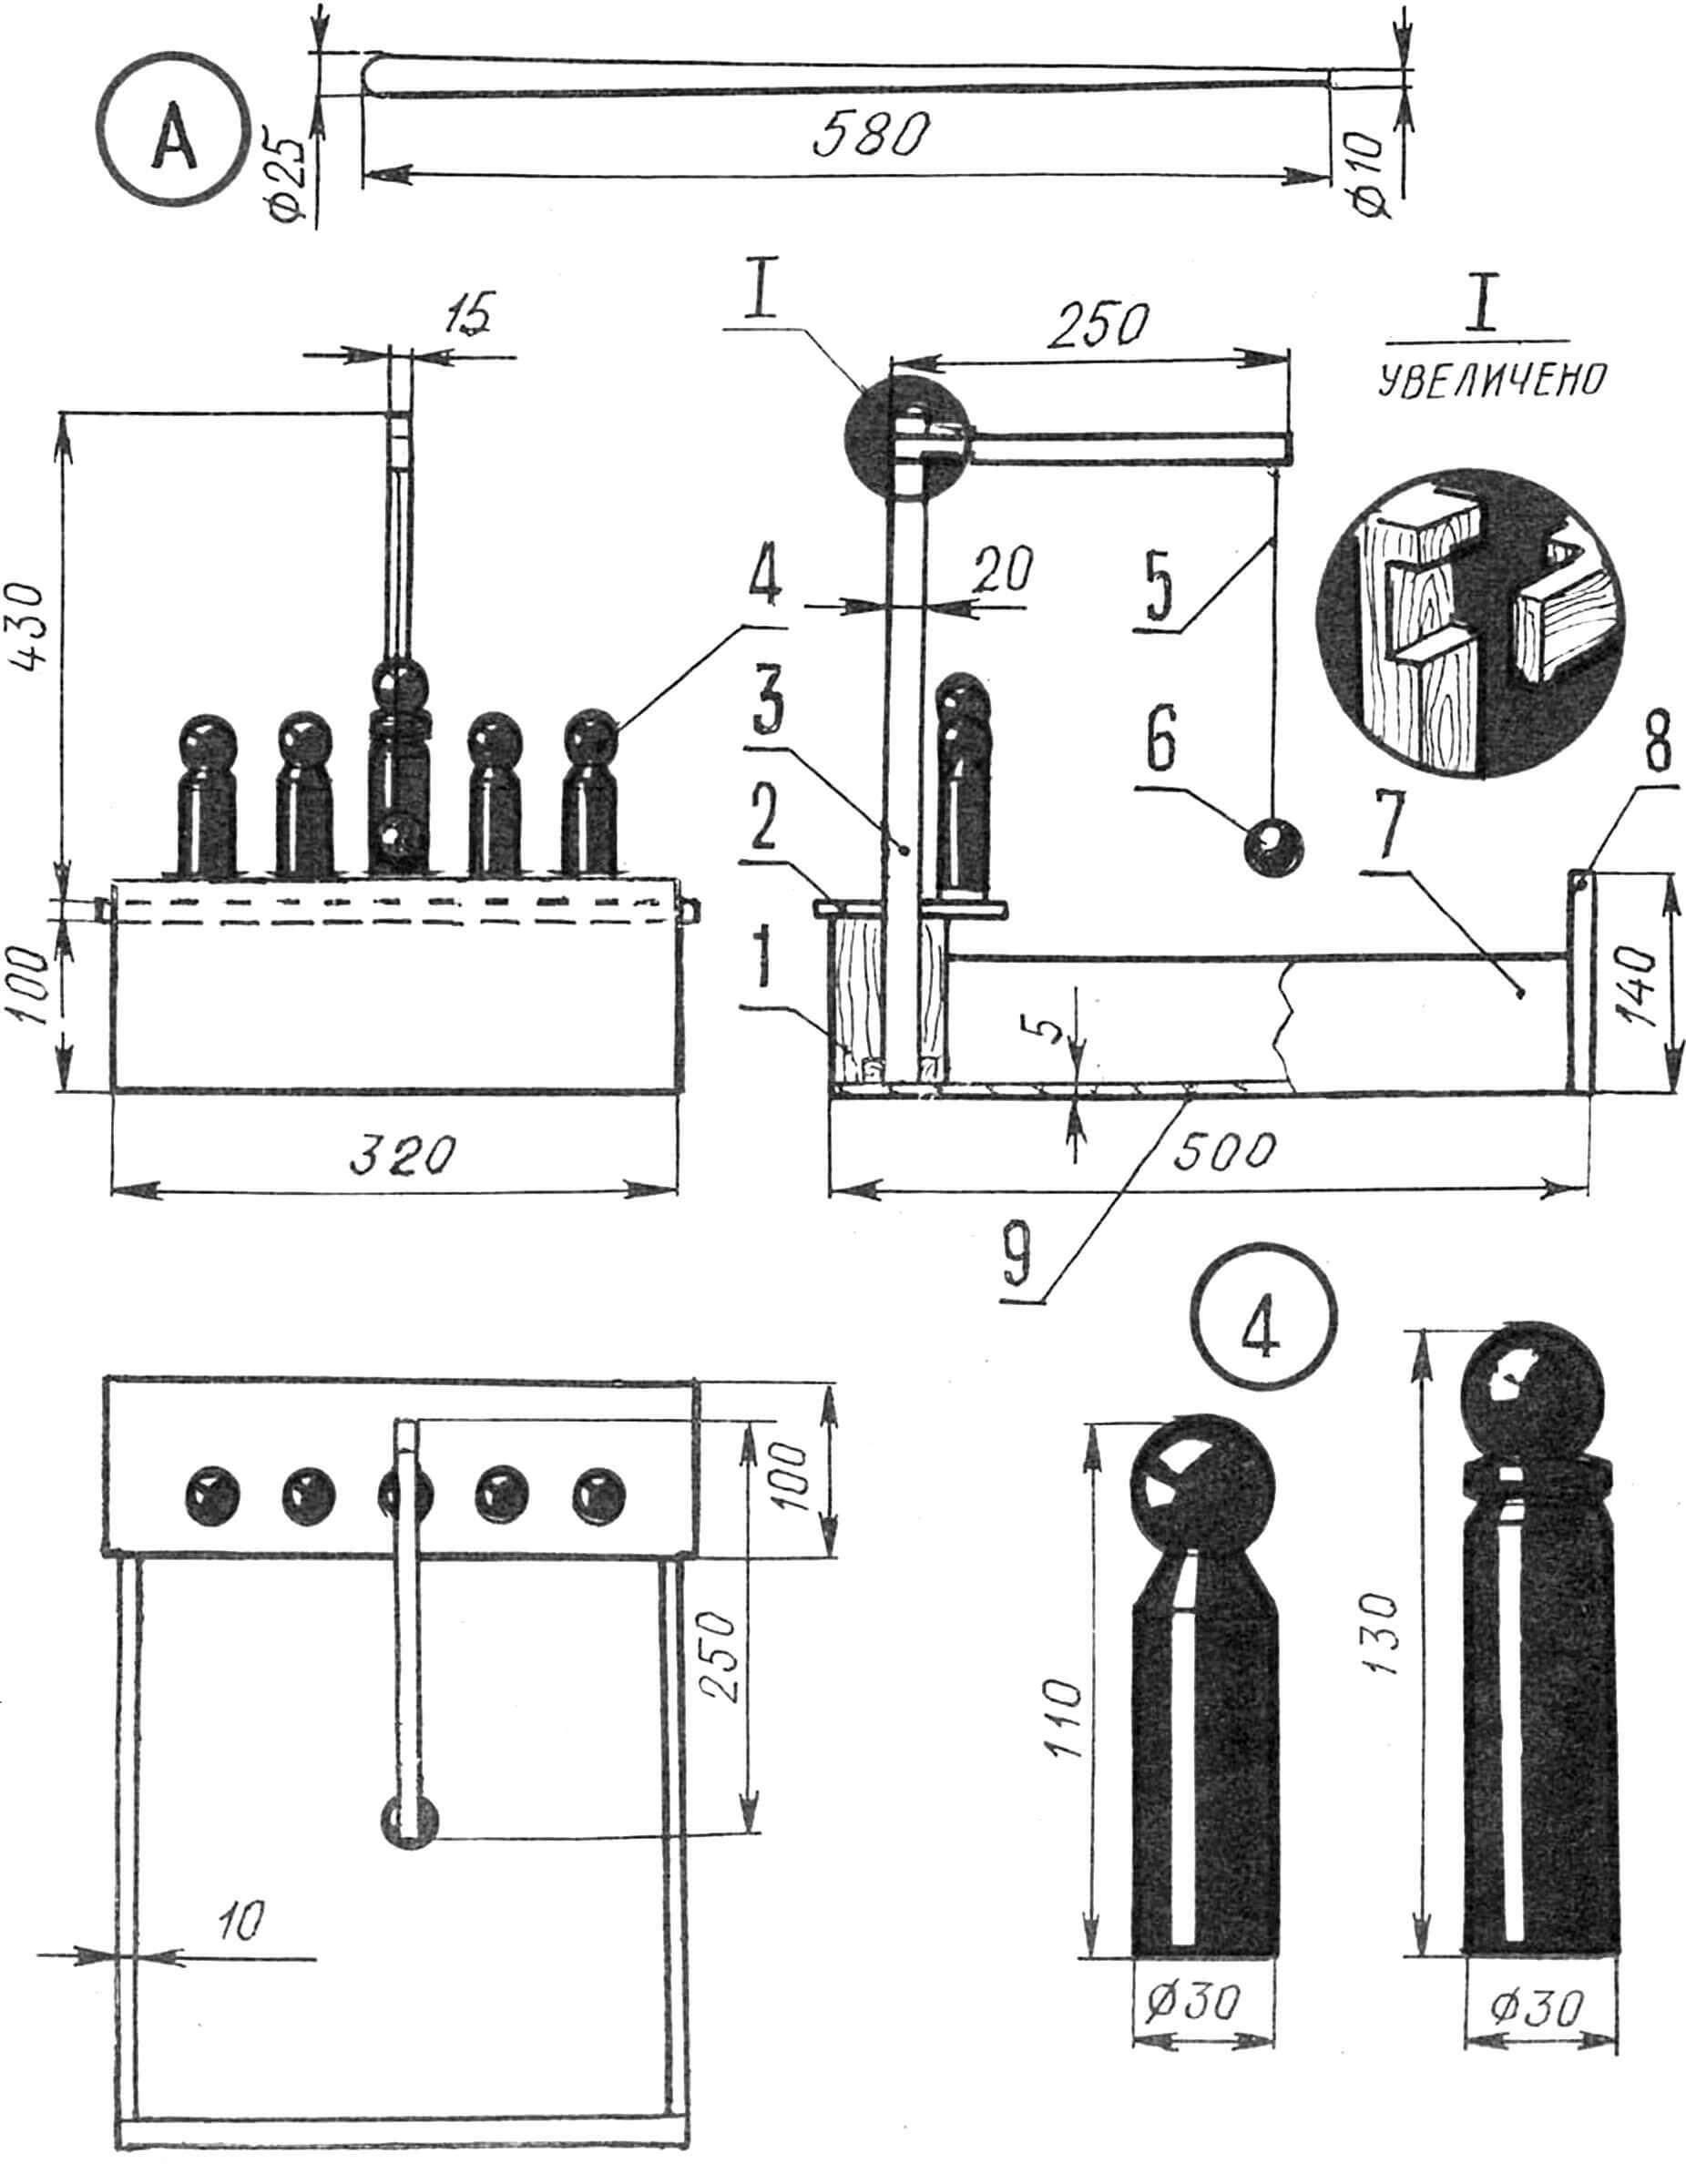 Кийбол и его детали: 1 — задняя стенка ящика-основания, 2 — площадка для кеглей, 3 — кронштейн, 4 — кегля, 5 — шнур подвески шара, 6 — шар-бита, 7 — боковая стенка ящика, 8 — передняя стенка ящика, 9 — днище ящика. А — кий.